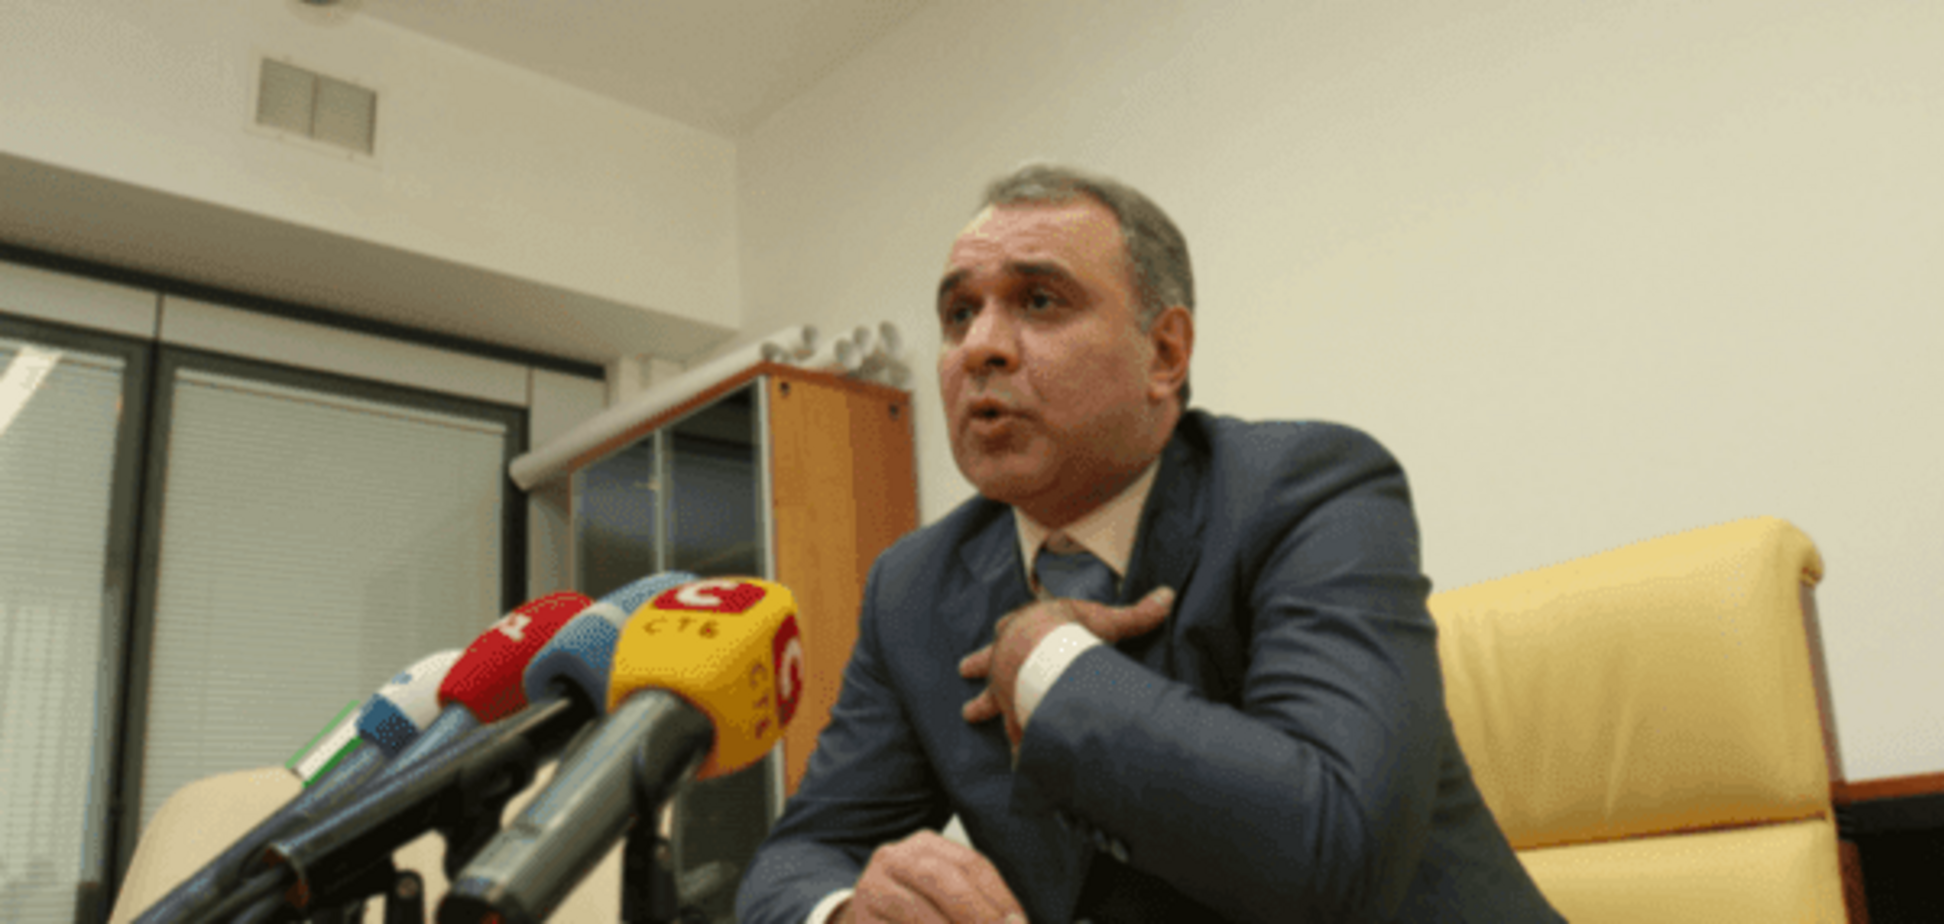 Жванию снова допрашивали по 'урановым проделкам' Мартыненко - депутат